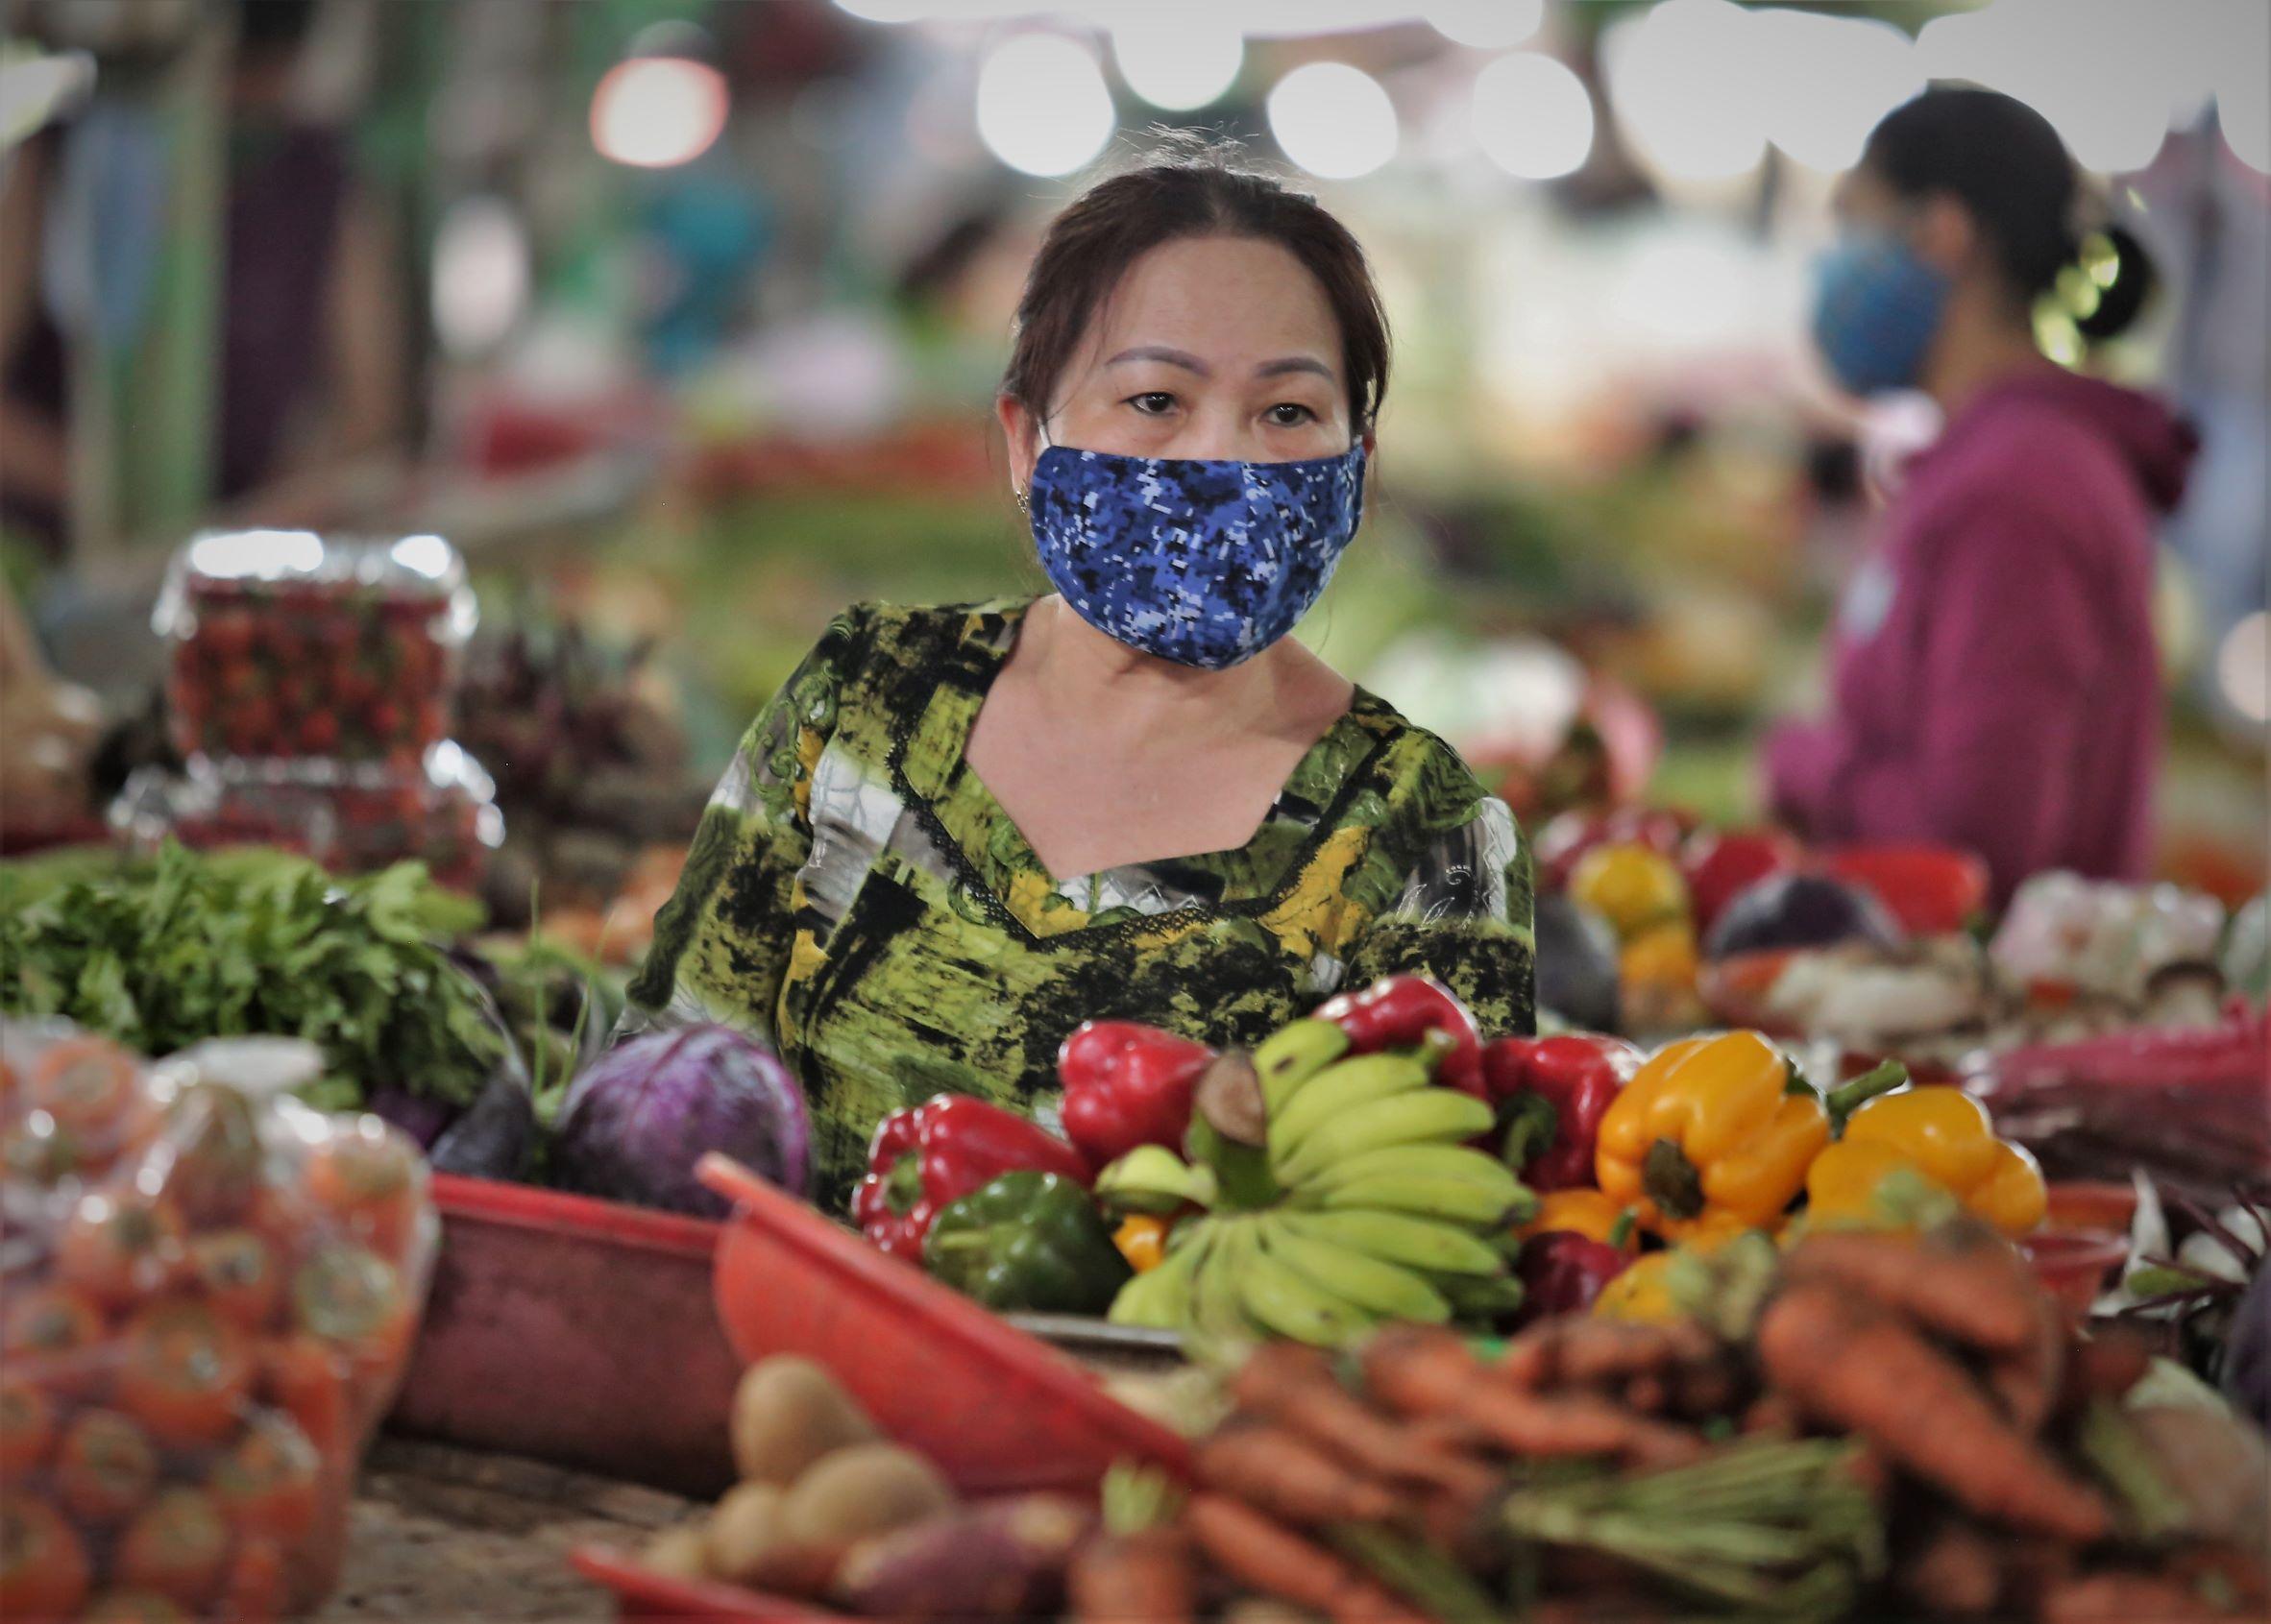 ẢNH: Người dân mặc áo mưa, trùm kín khi đi chợ giữa nắng 37 độ C để phòng dịch Covid-19 - Ảnh 4.